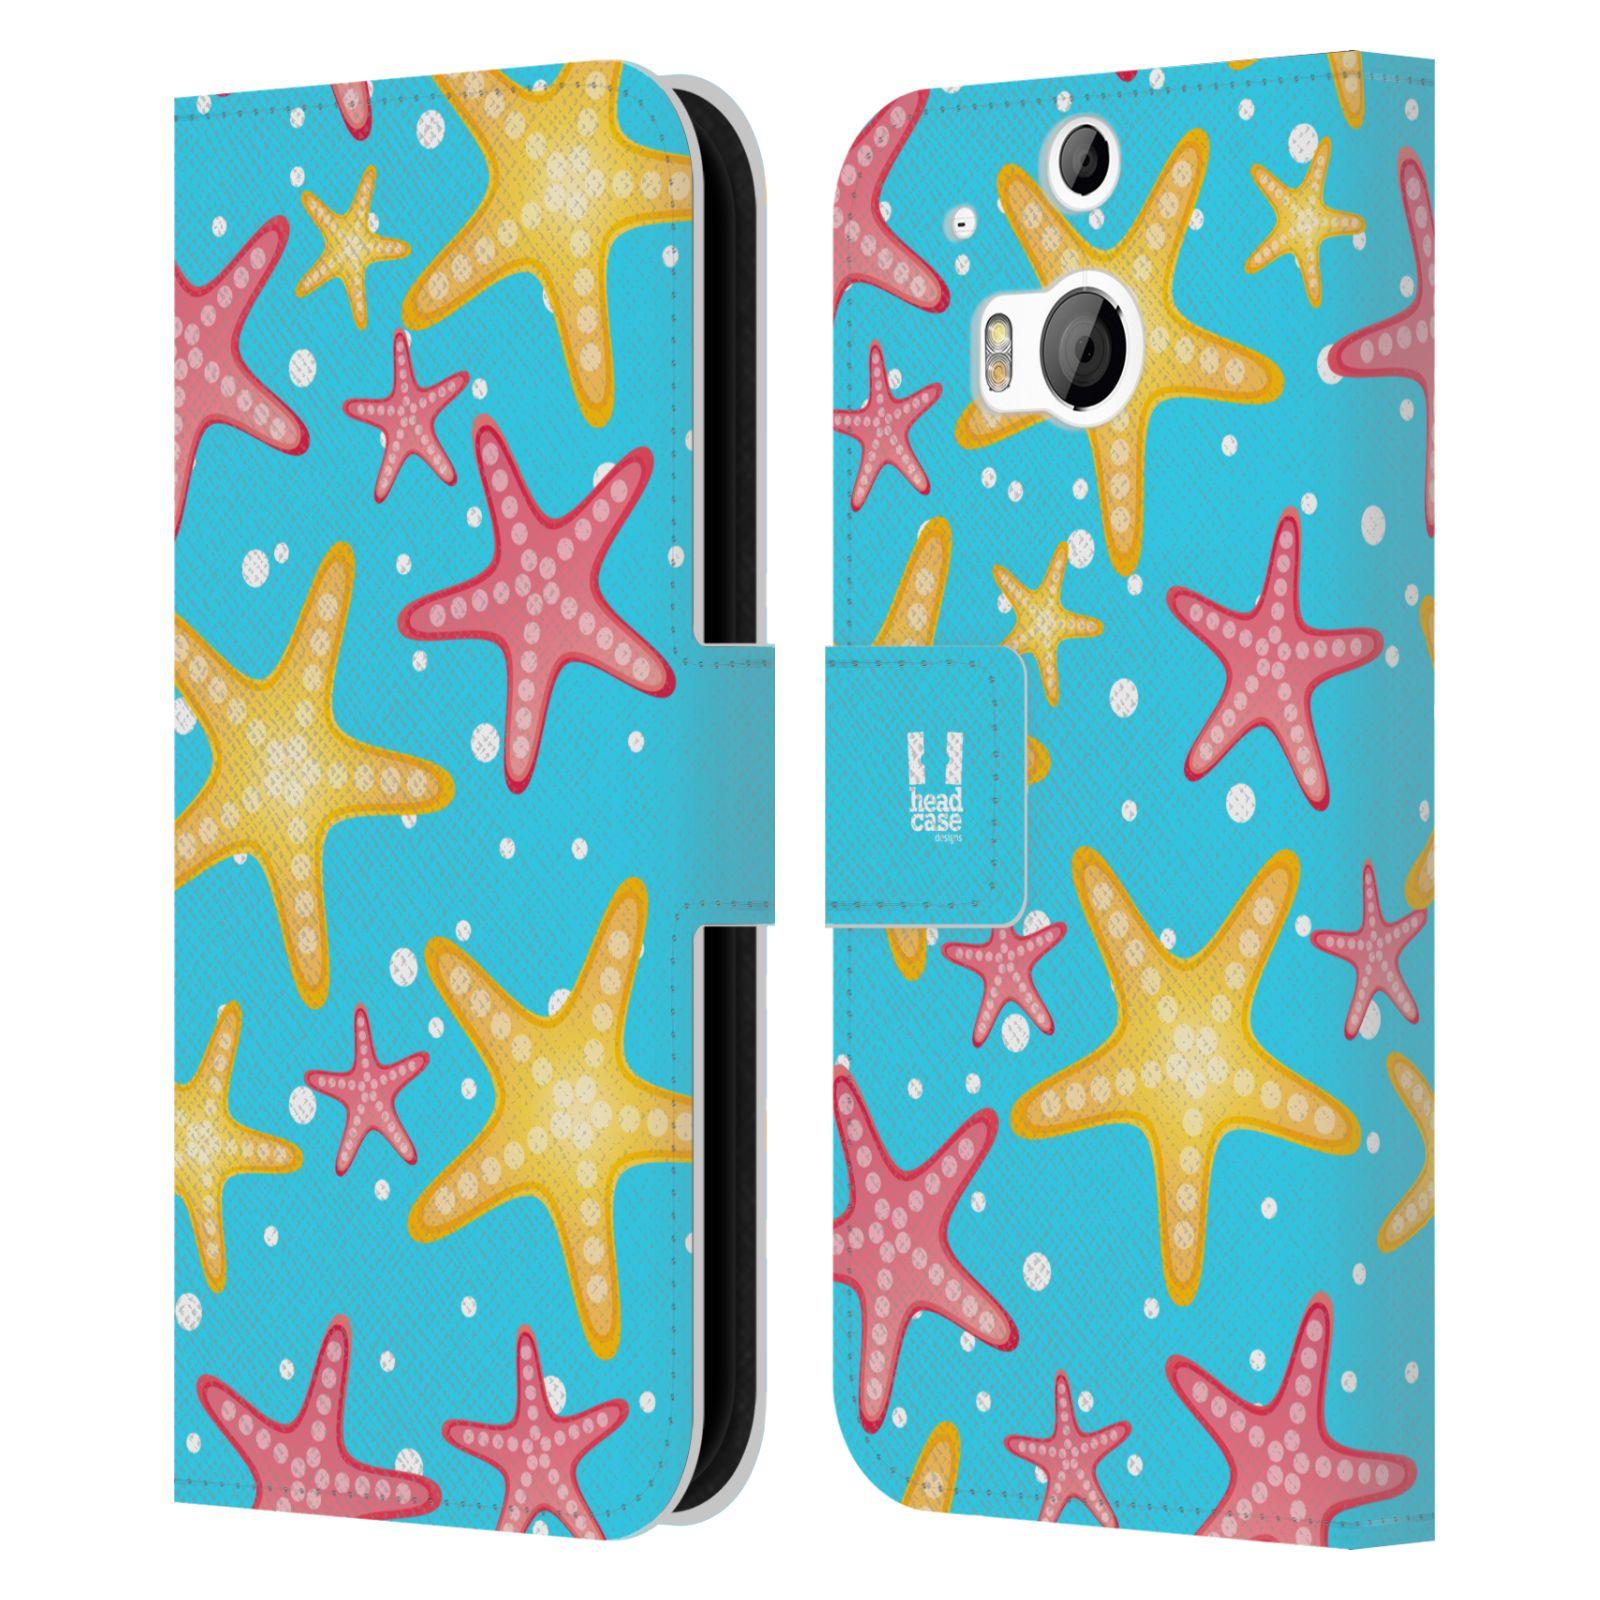 HEAD CASE Flipové pouzdro pro mobil HTC ONE (M8, M8s) Mořský živočich hvězdice modrá barva pozadí